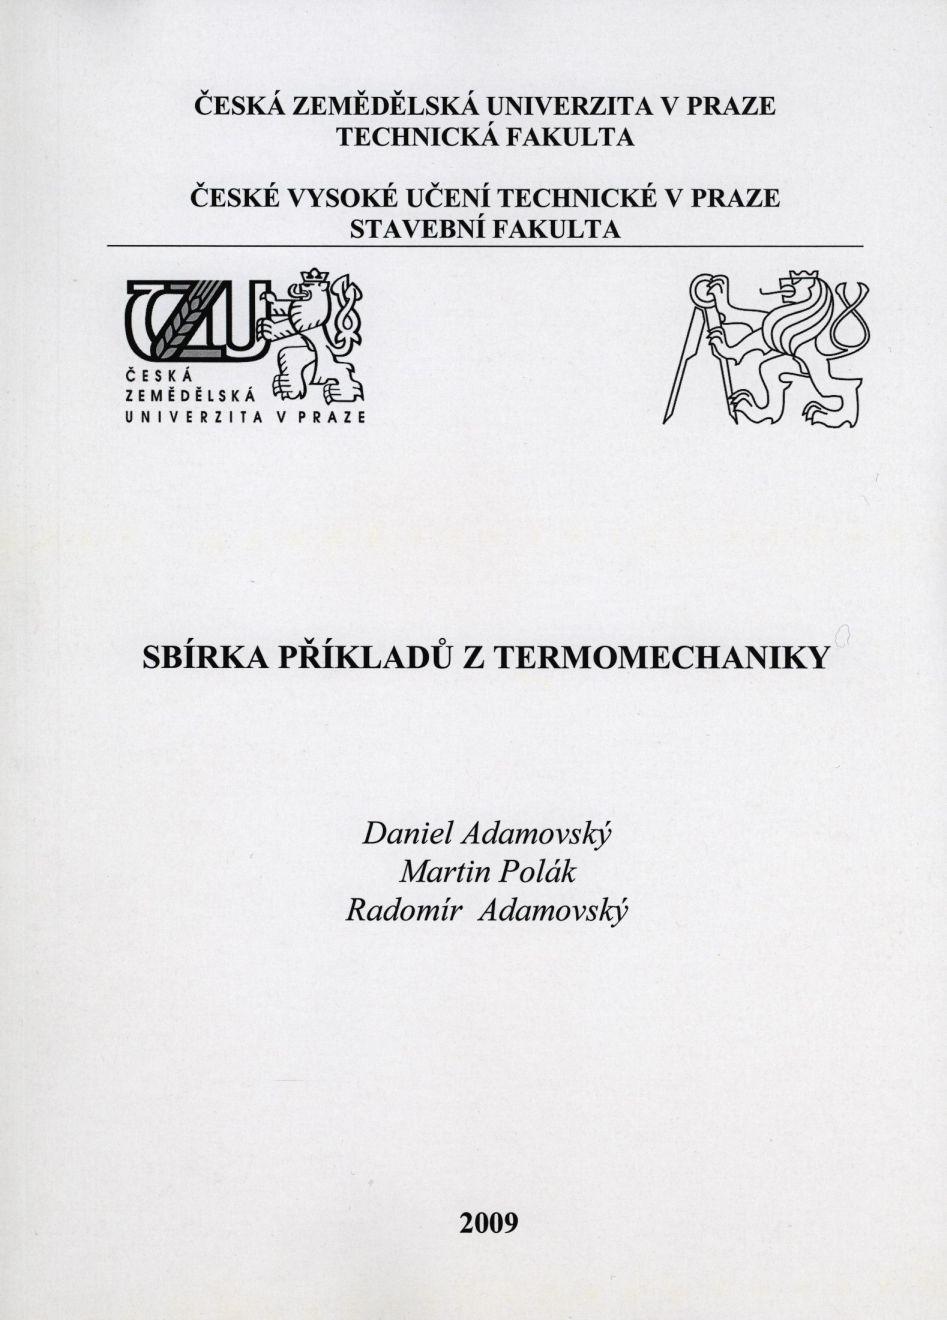 Sbírka příkladů z termomechaniky